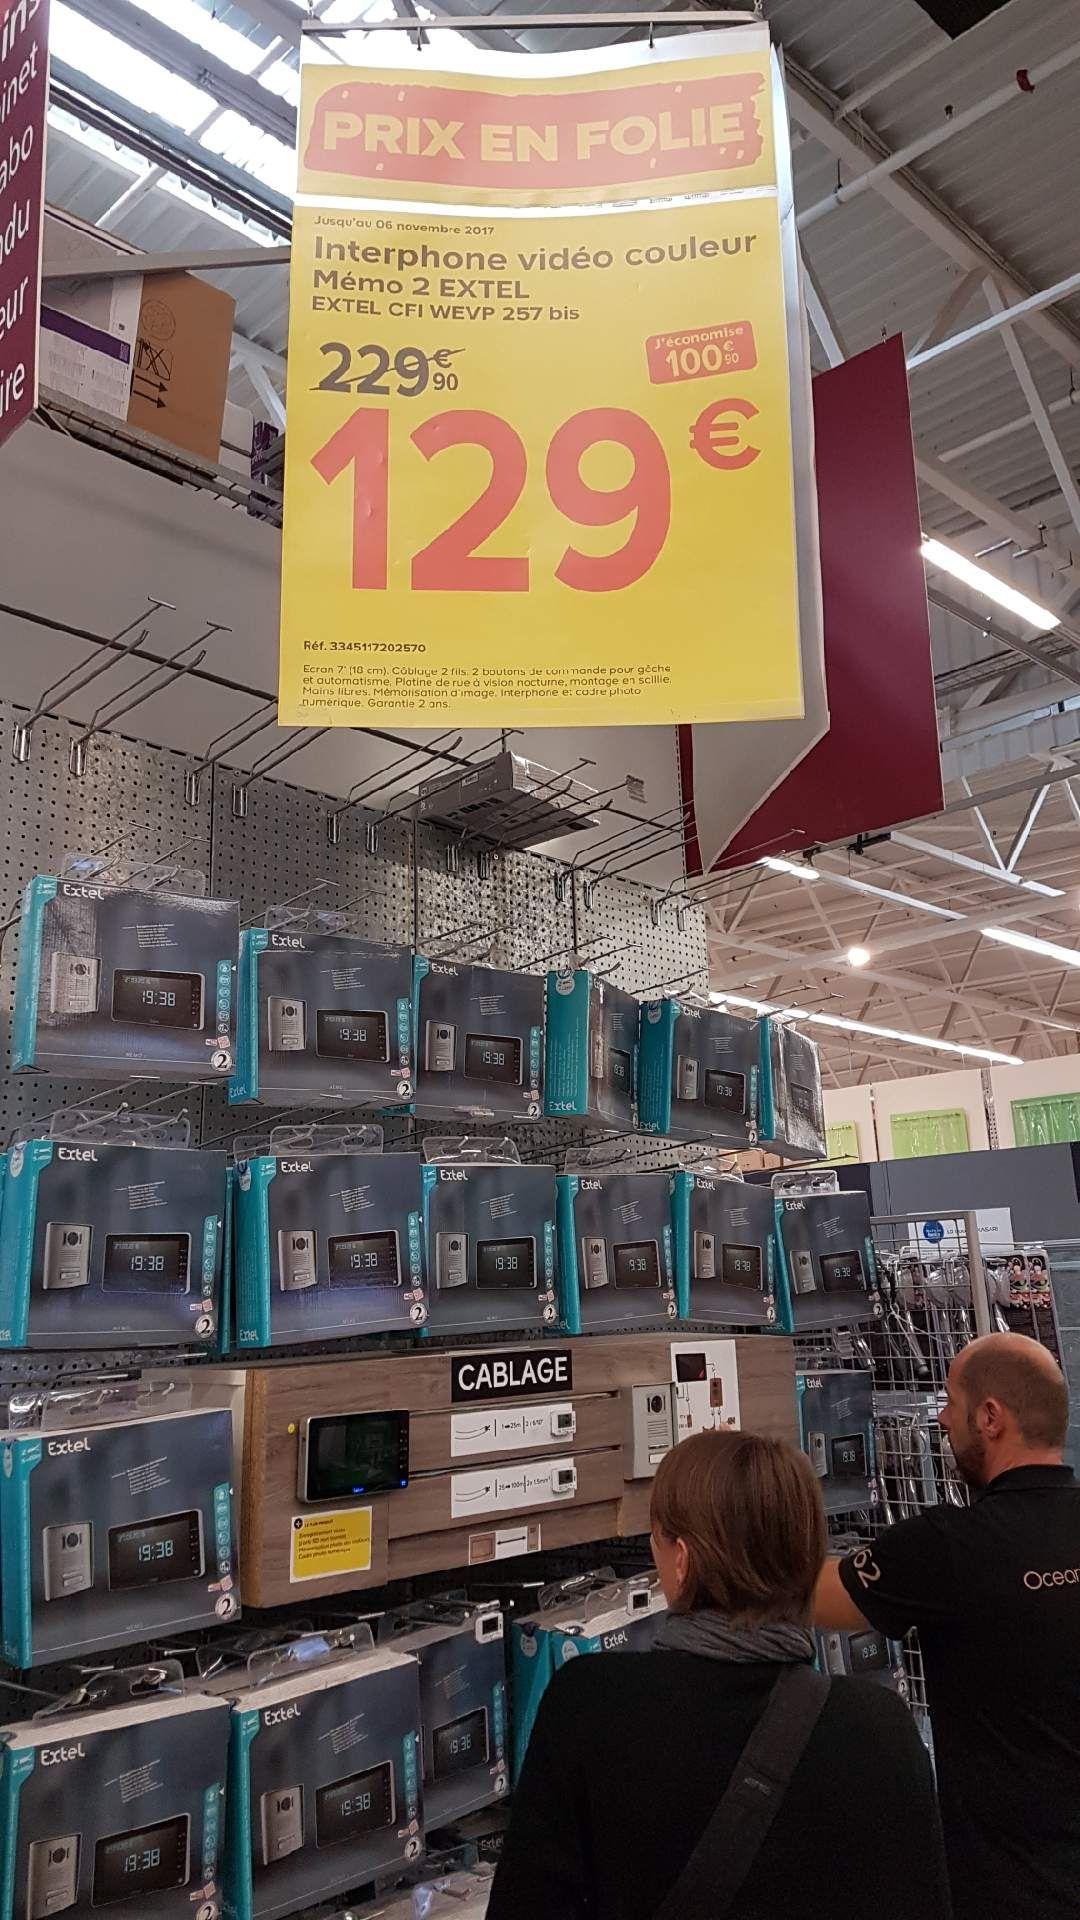 Interphone vidéo couleur Memo 2 Extel (Perpignan - 66) – Dealabs.com